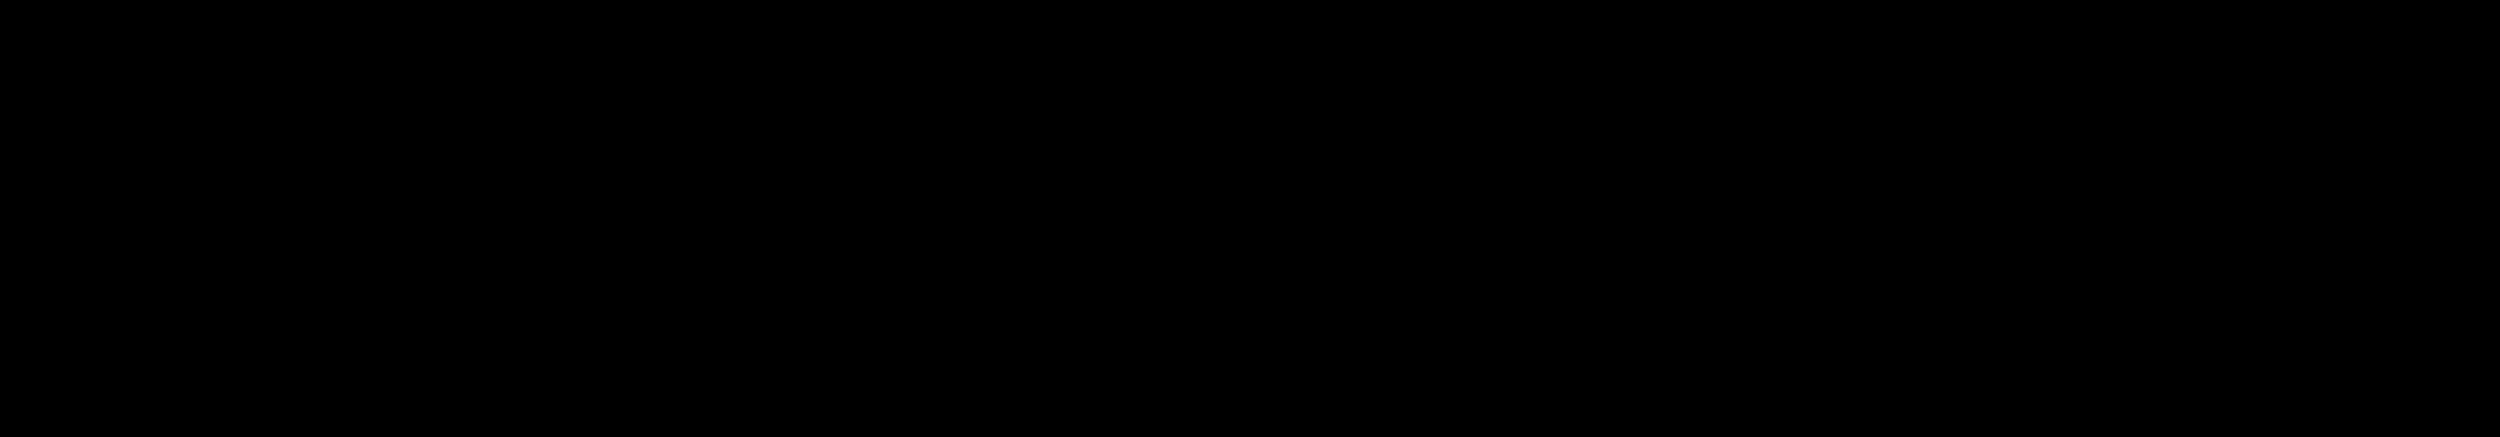 2016-TURNER_Logo_RGB_OverLightBG-2.png